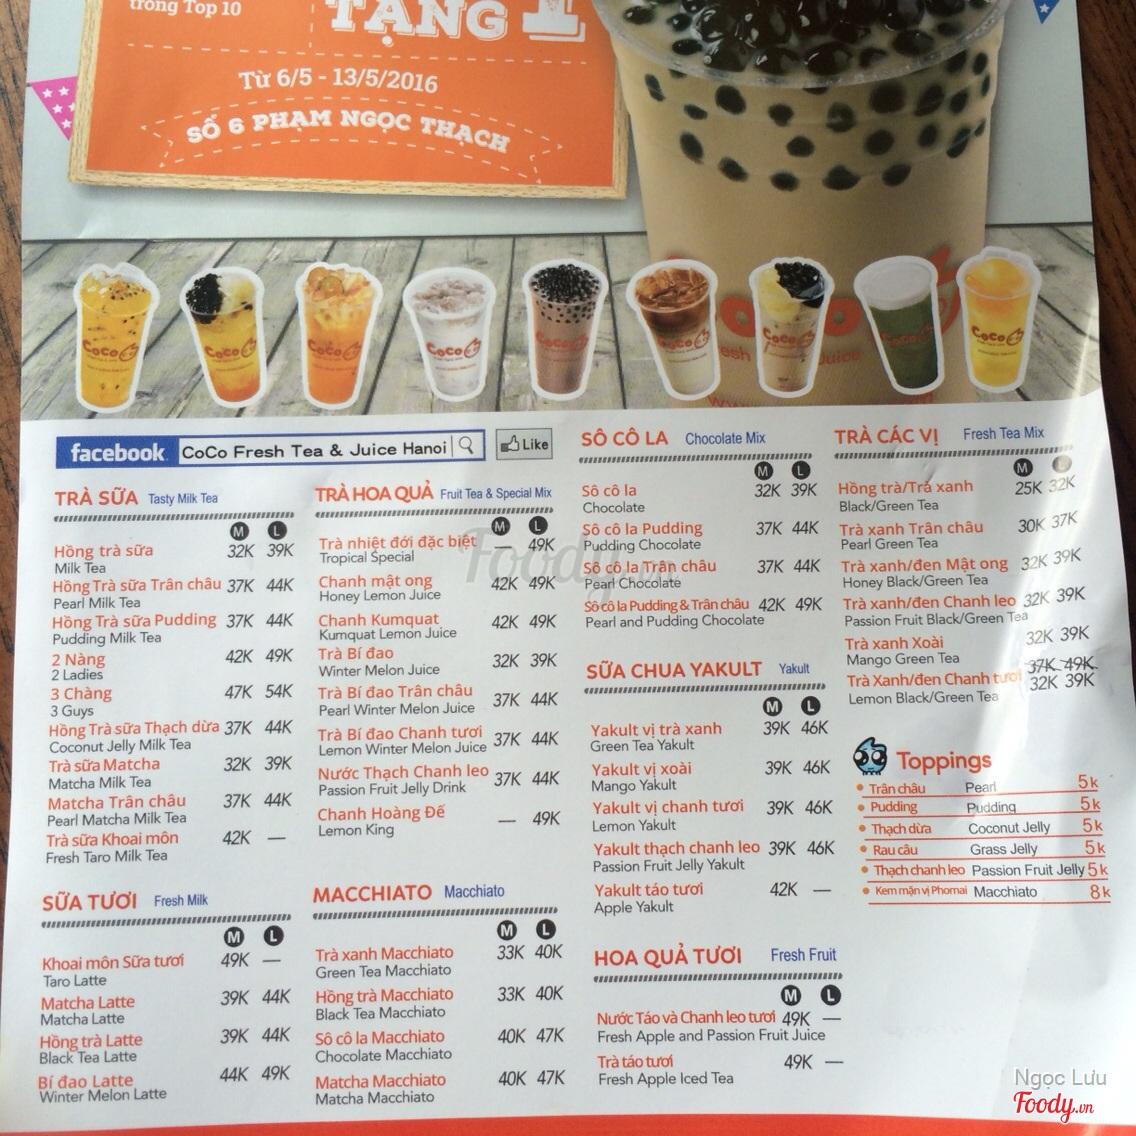 Coco Fresh Tea & Juice - Phạm Ngọc Thạch ở Quận Đống Đa, Hà